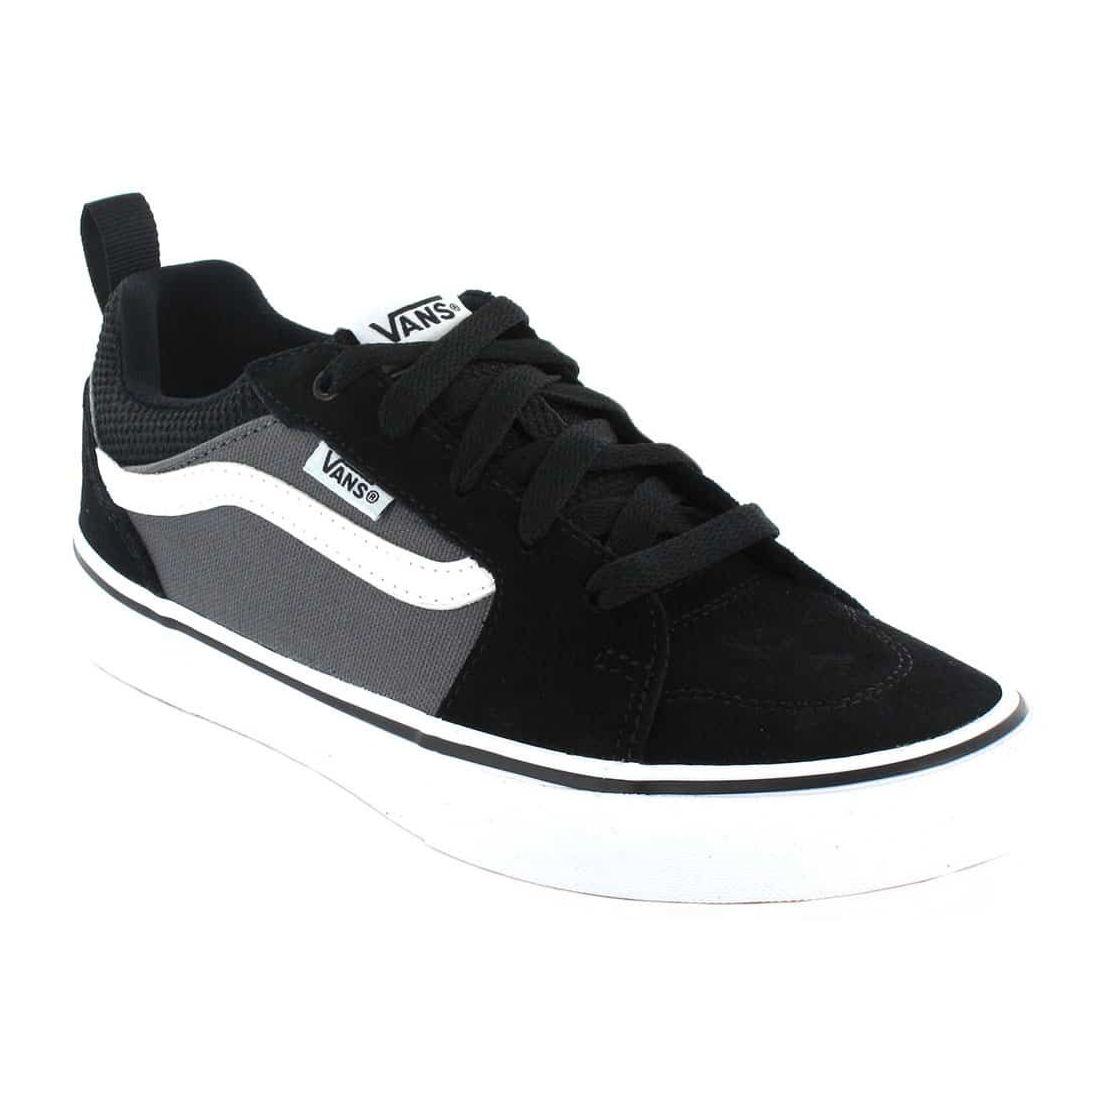 Vans Filmore Y Negro Gris - Calzado Casual Junior